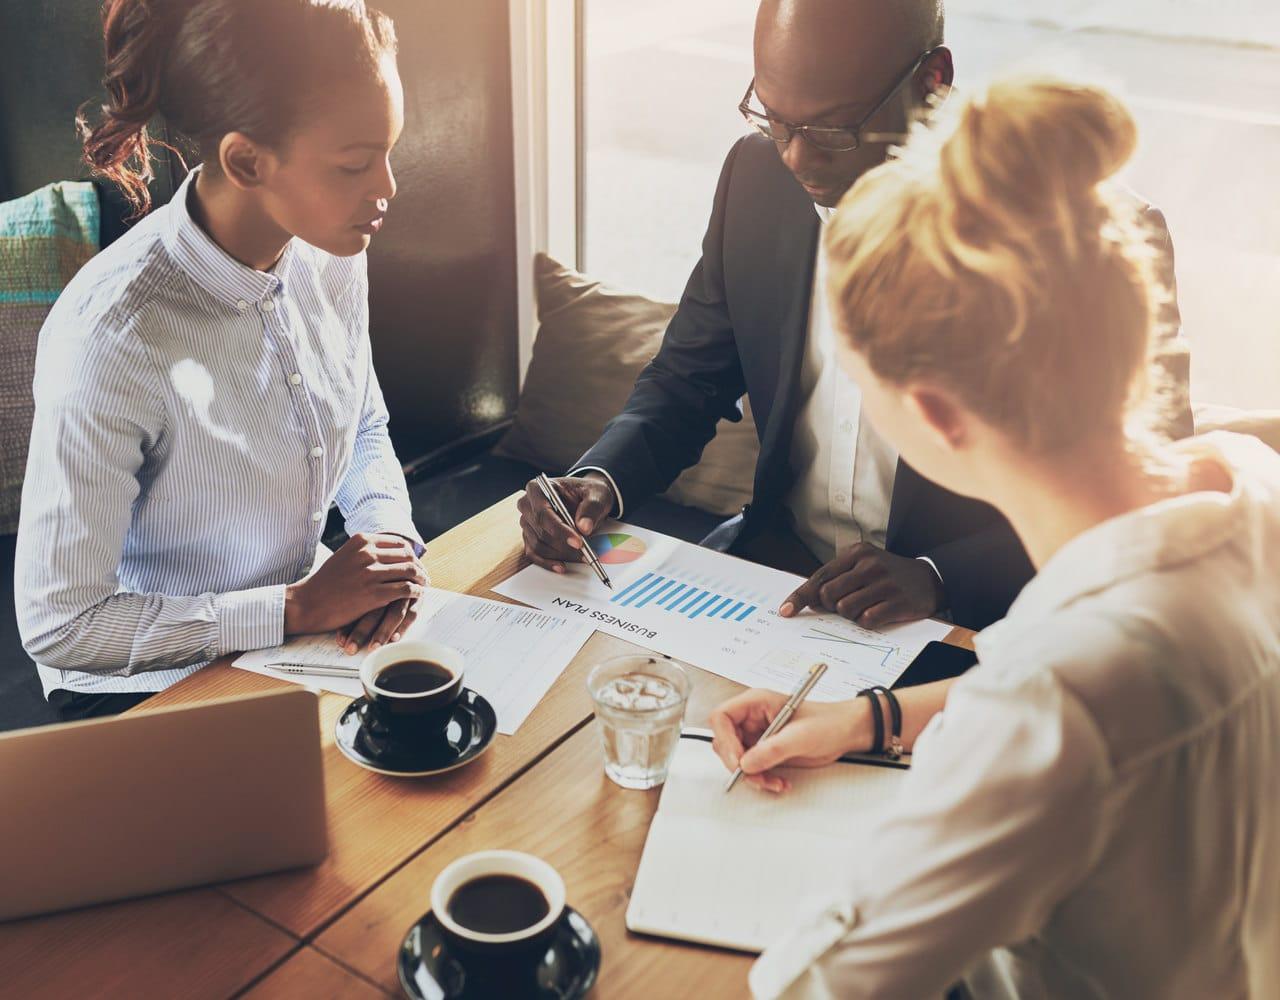 Competência: matéria-prima essencial para a gestão